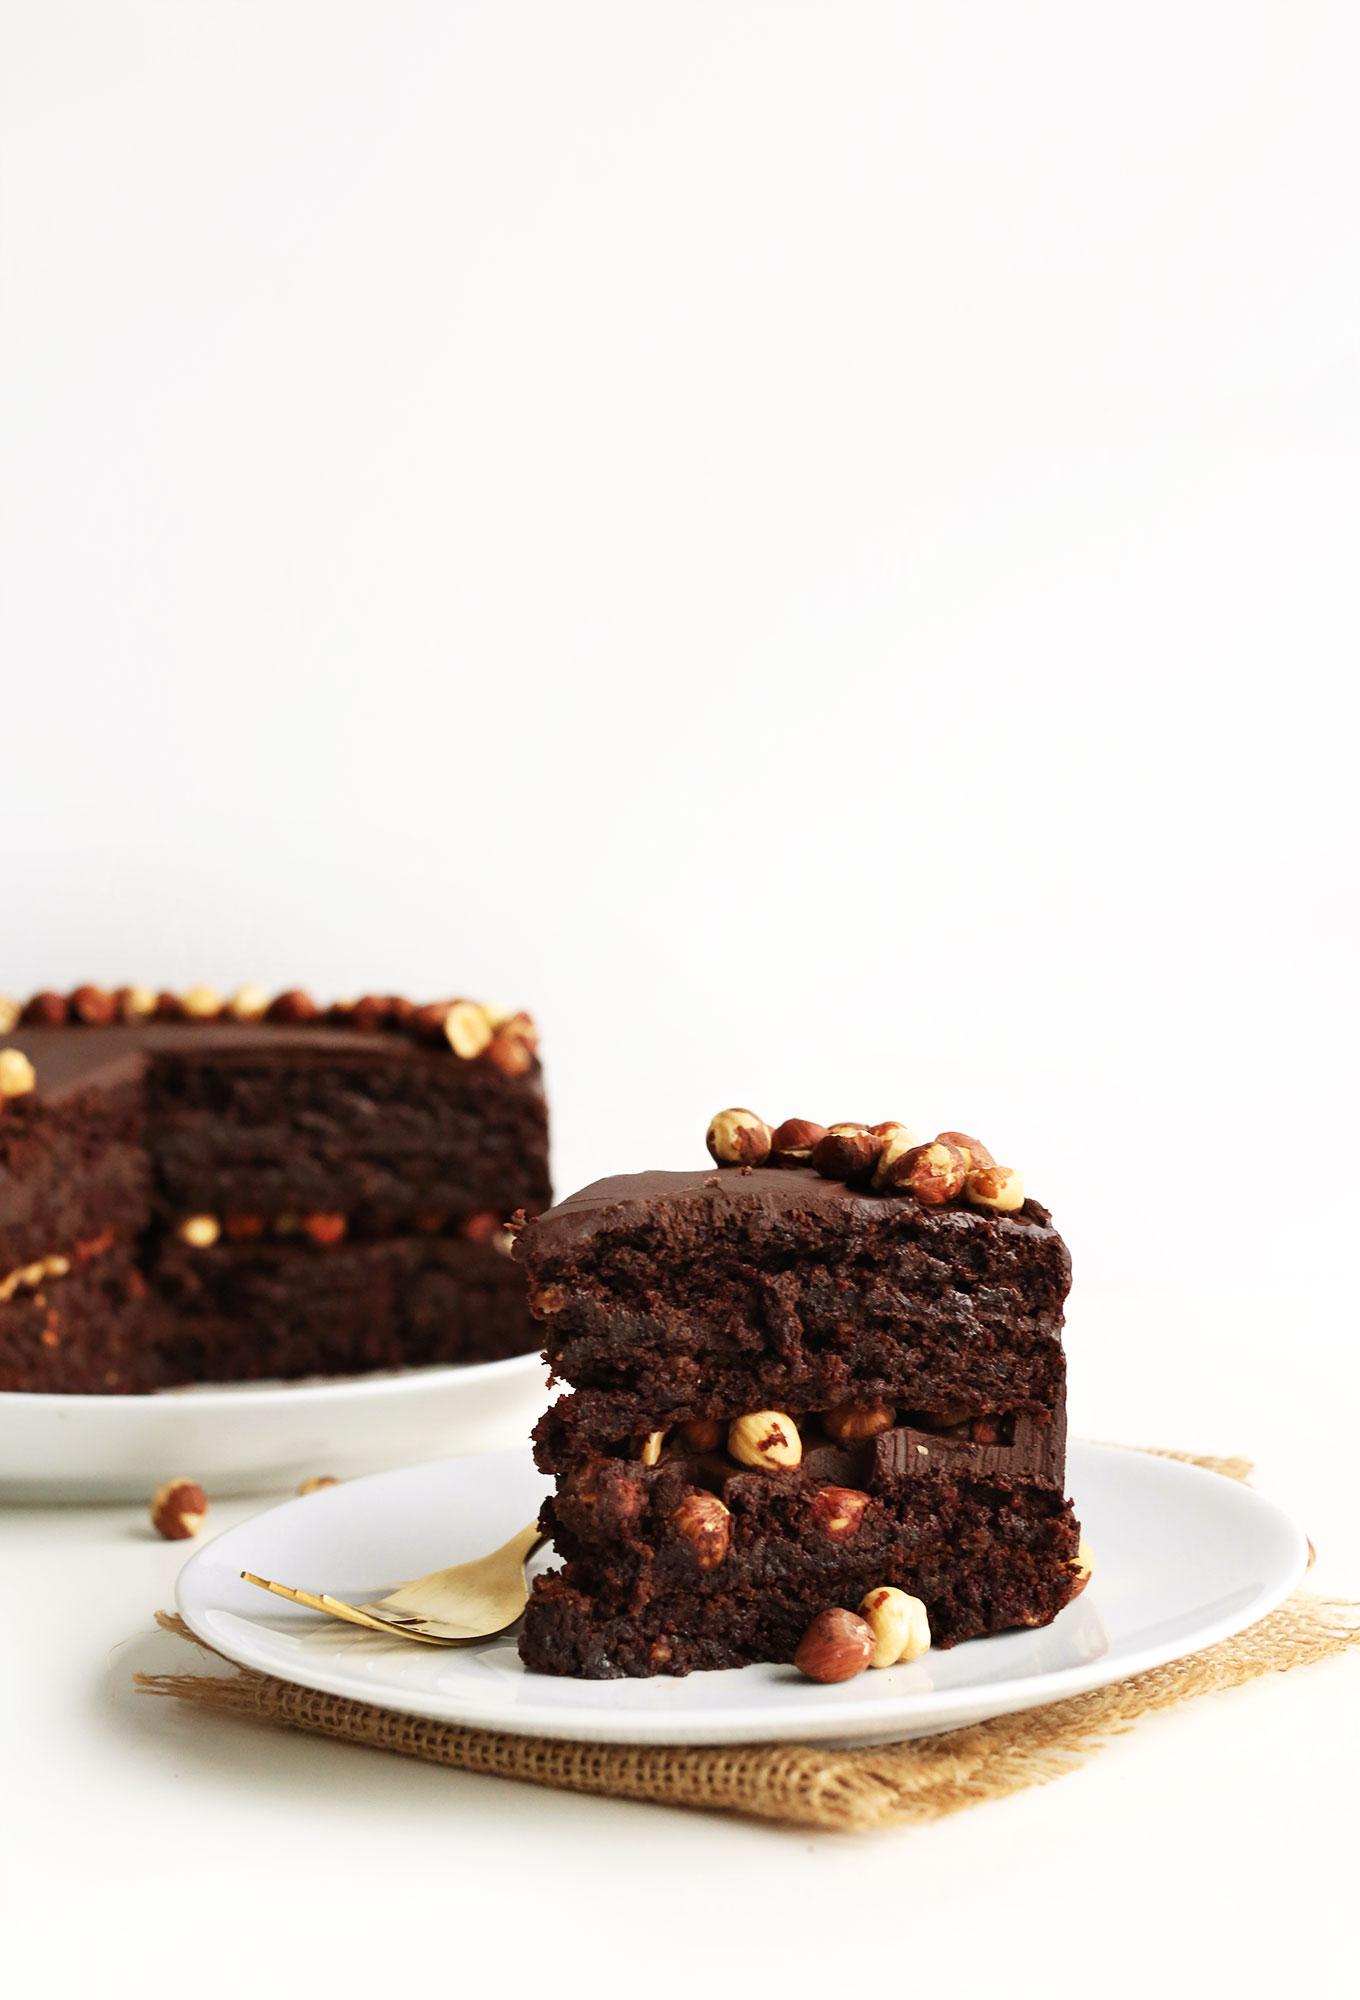 Slice of super rich gluten-free Vegan Chocolate Hazelnut Cake for dessert